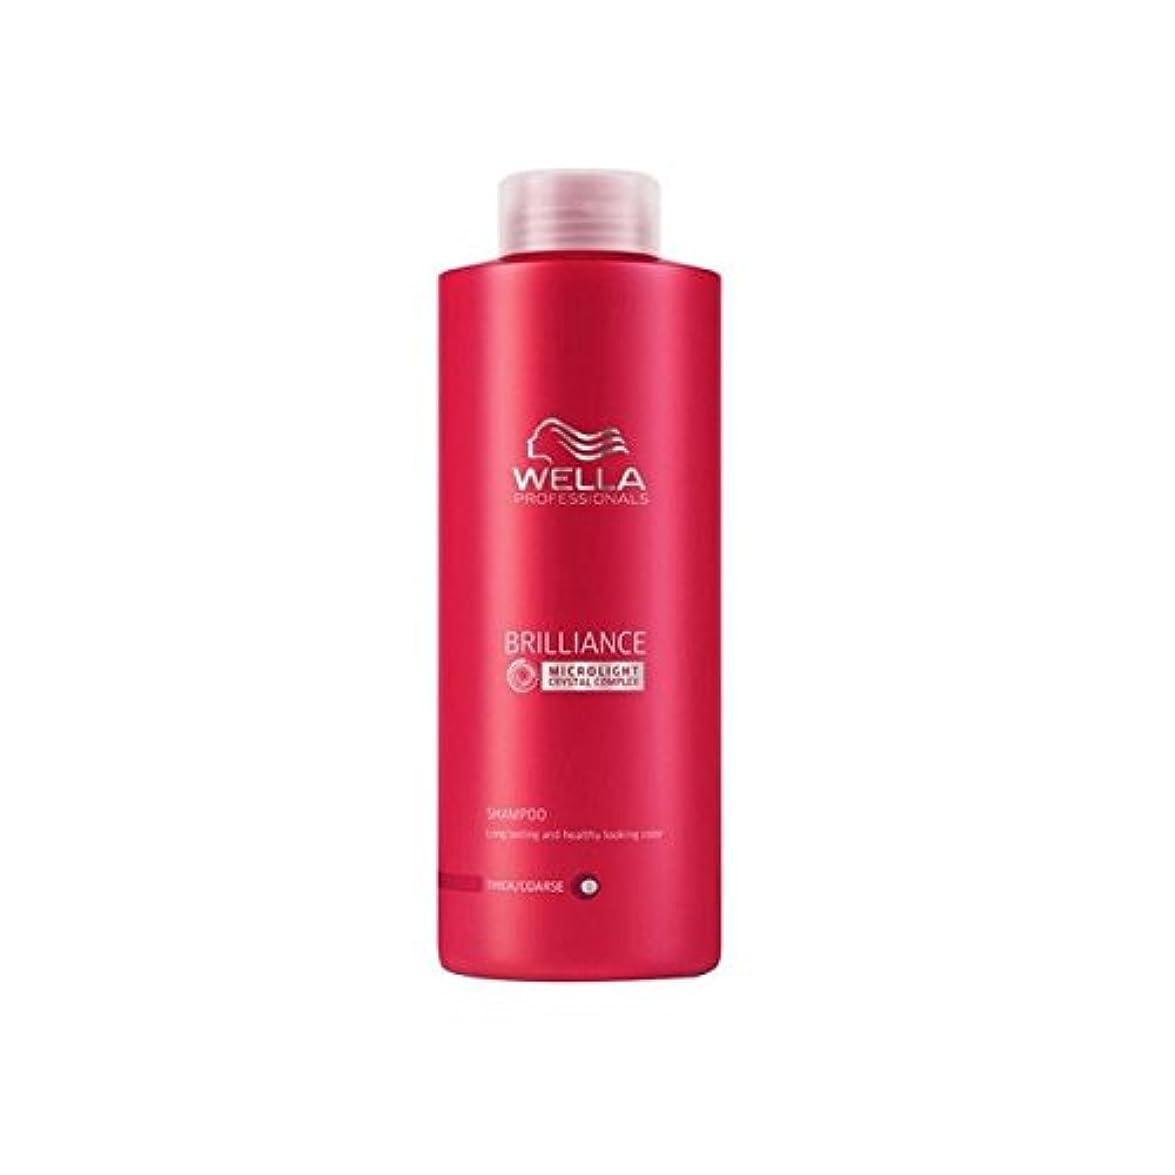 ブロンズクレデンシャルジュニアウェラの専門家は粗いシャンプー(千ミリリットル)をブリリアンス x4 - Wella Professionals Brilliance Coarse Shampoo (1000ml) (Pack of 4) [並行輸入品]